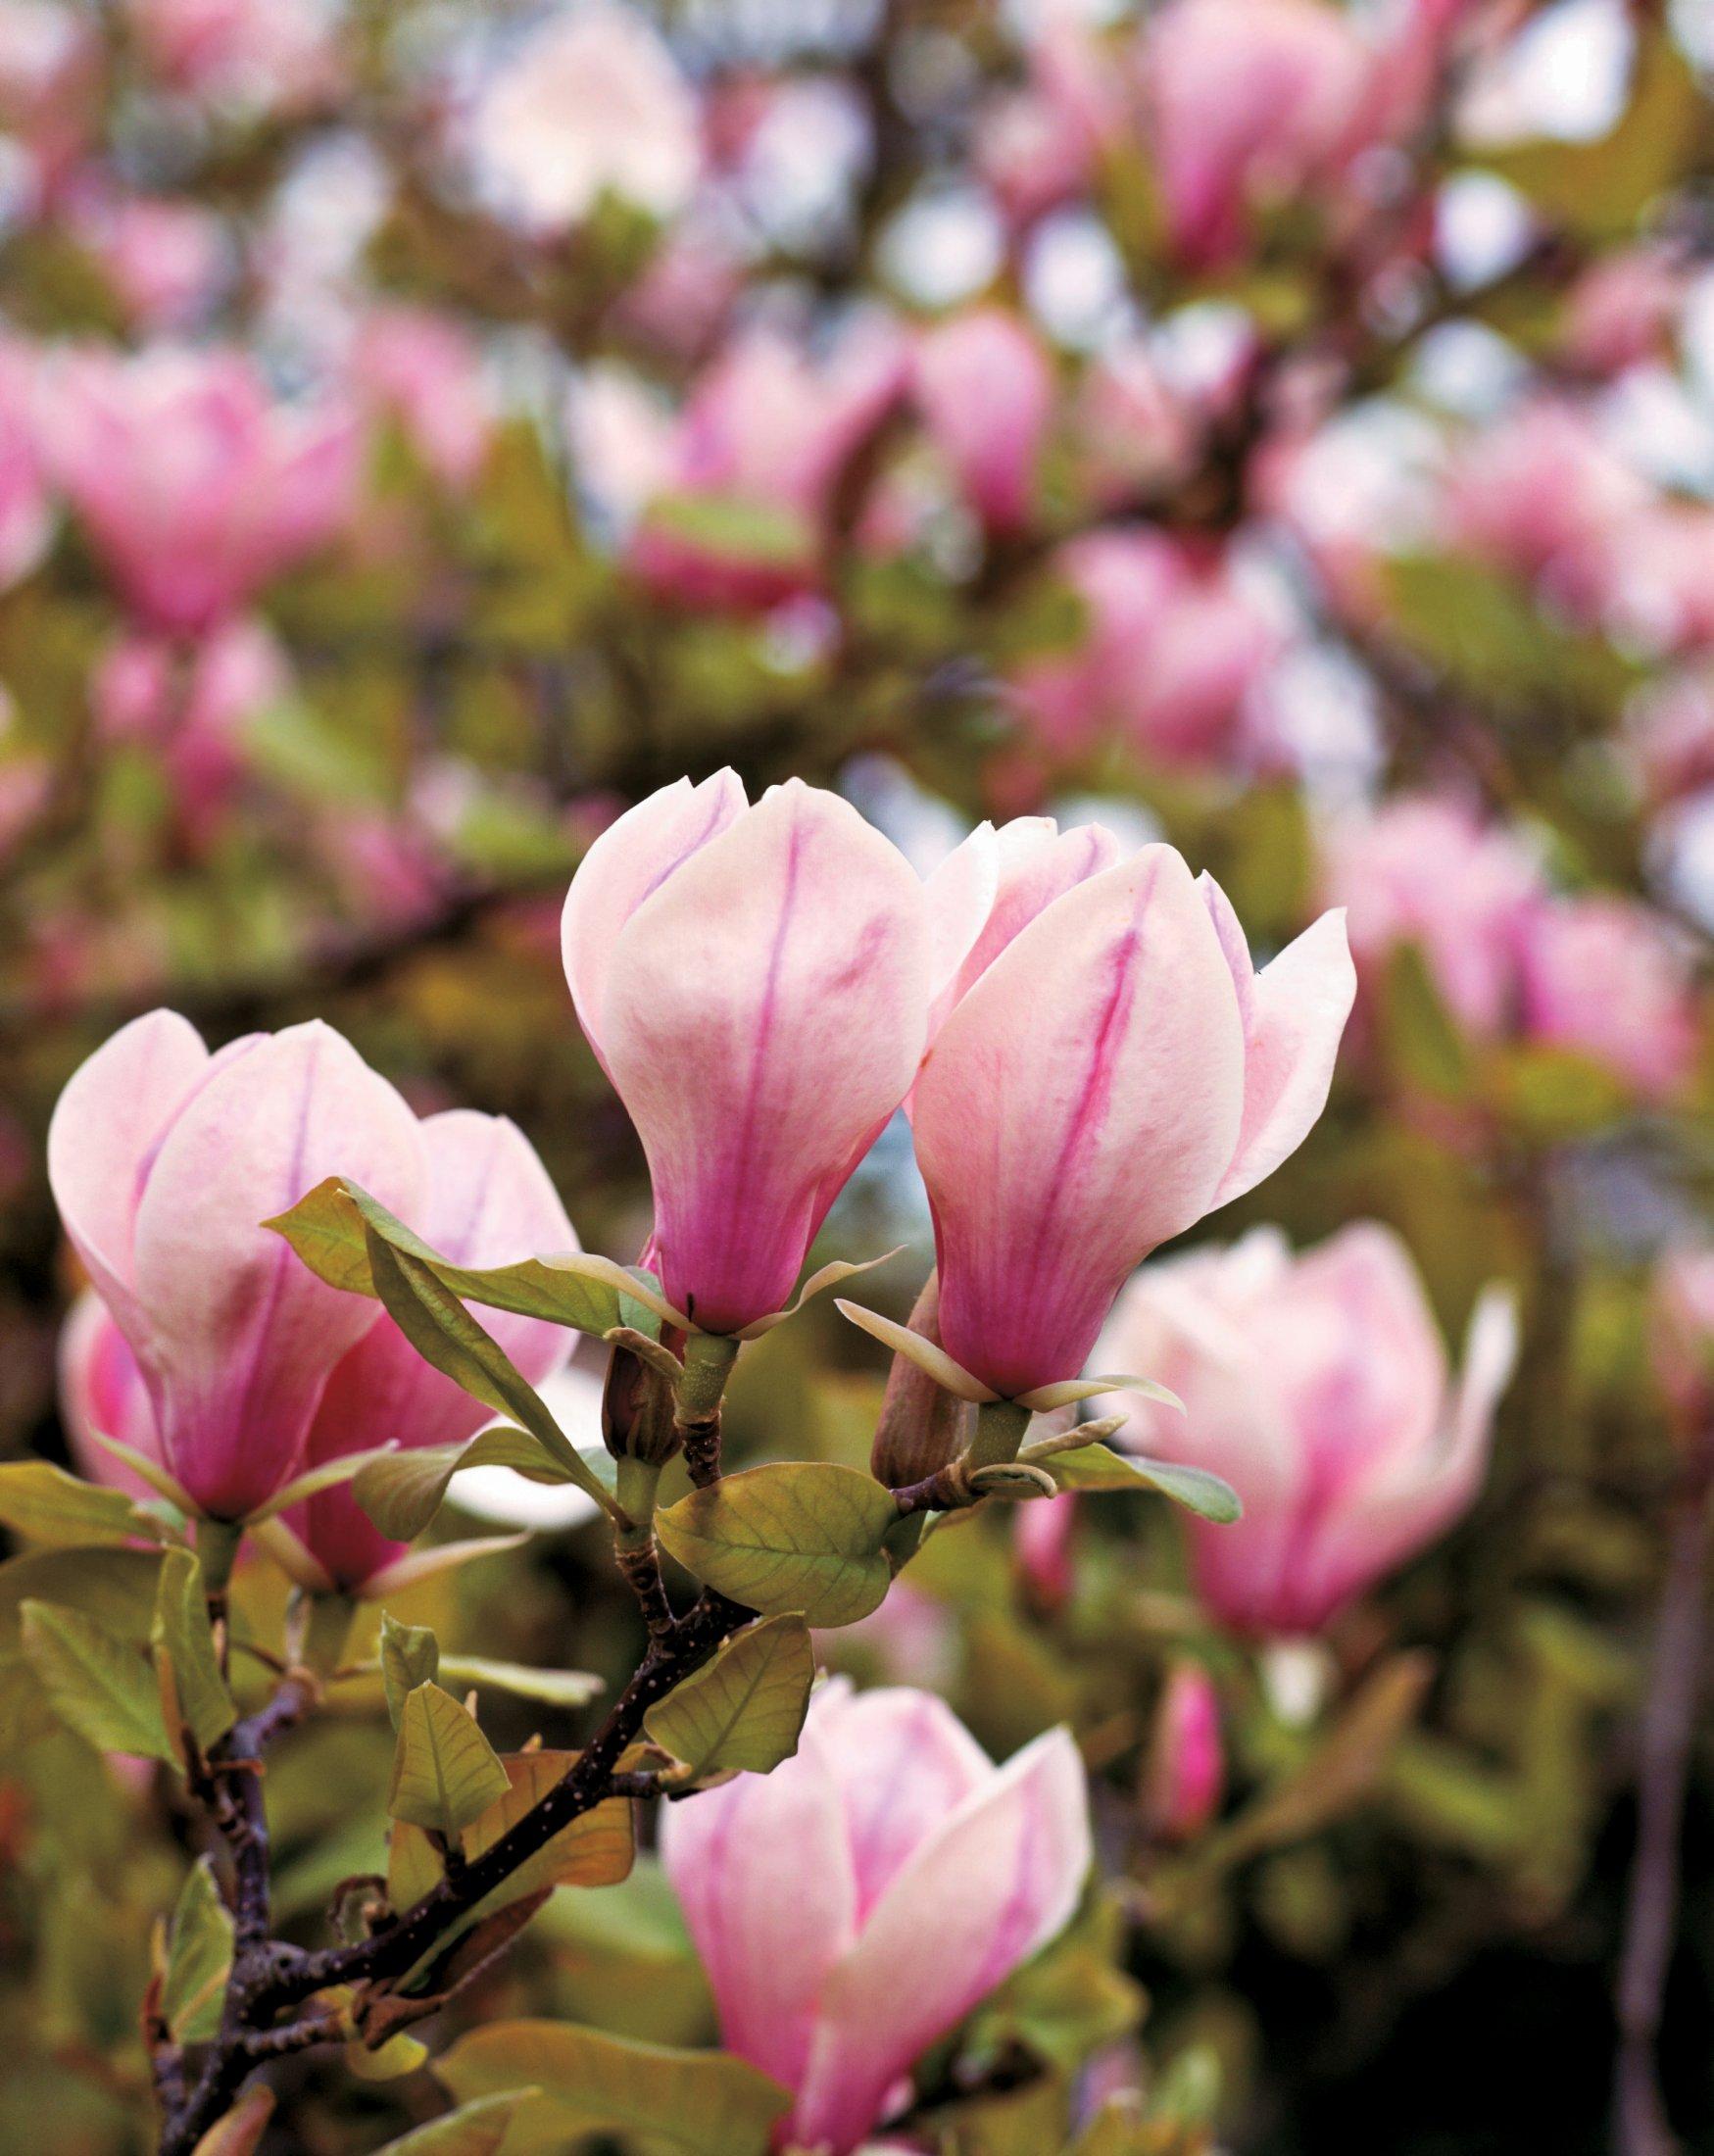 Magnolia x soulangeana, conhecida como magnólia caduca